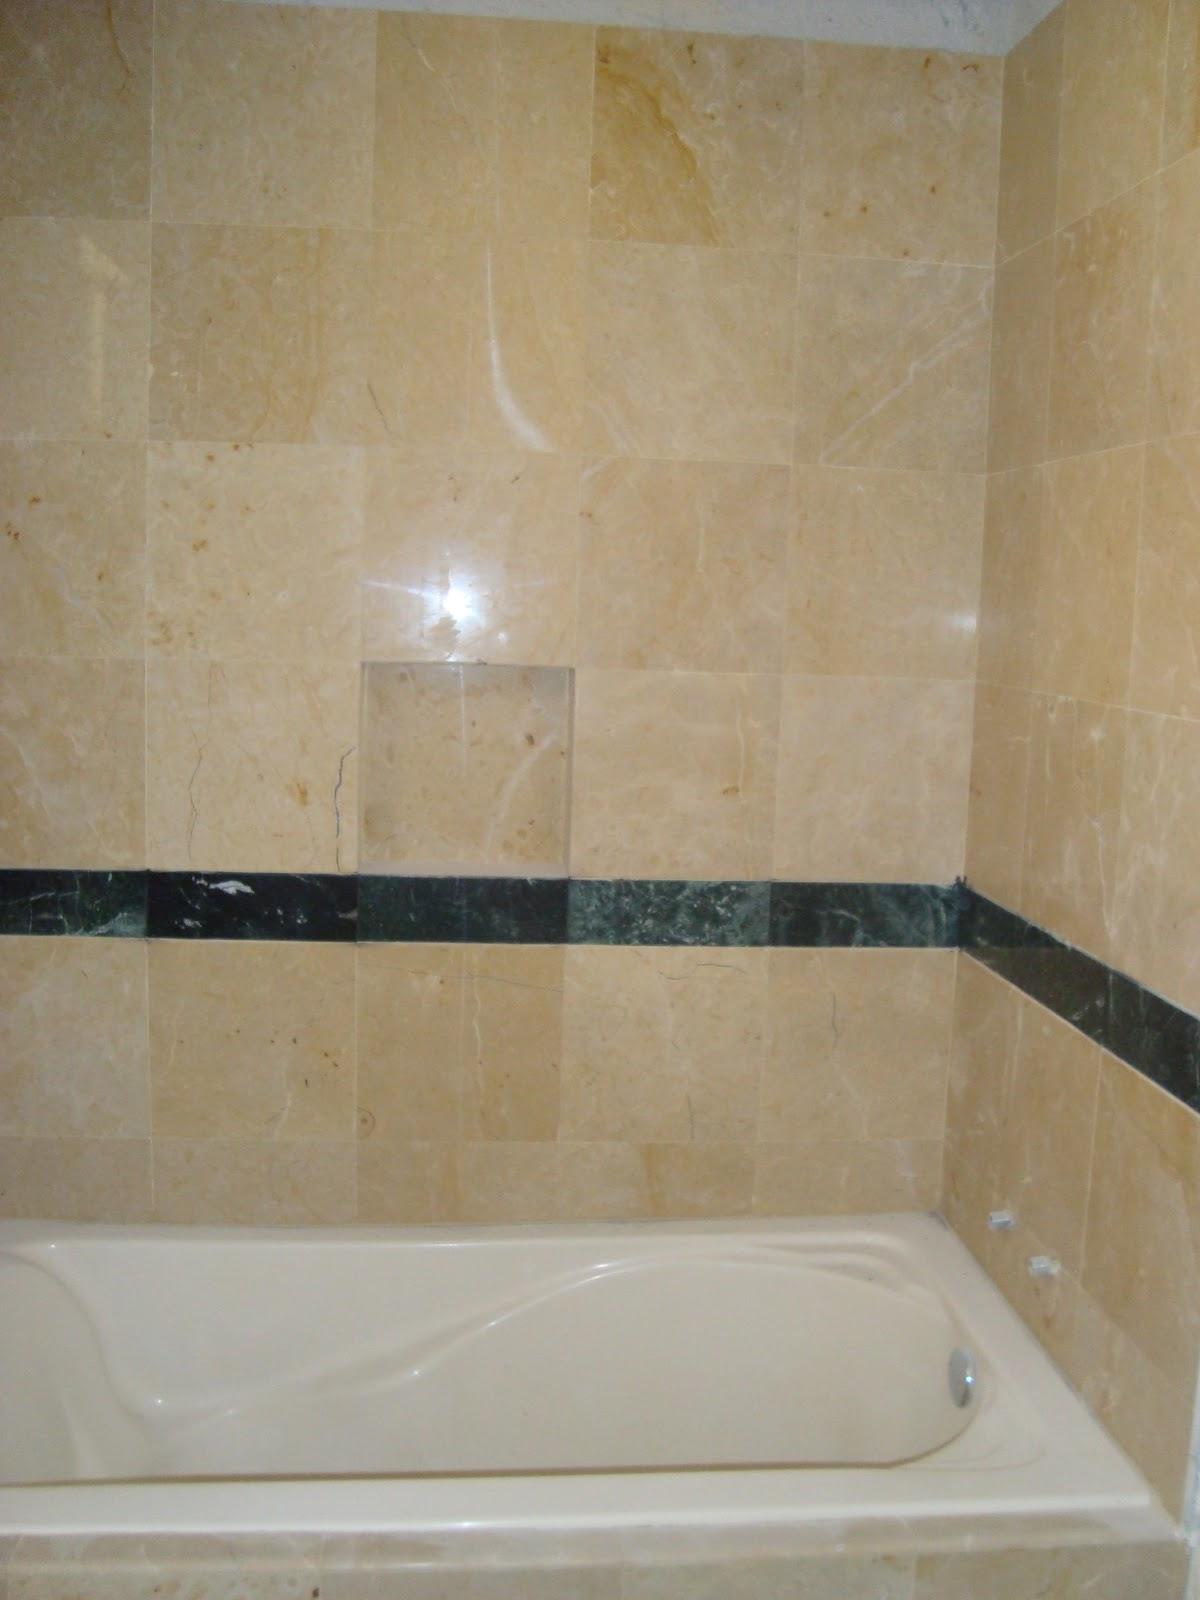 Baño De Tina Con Romero:para habitacion o hotel sardinel de marmol para separar el area de